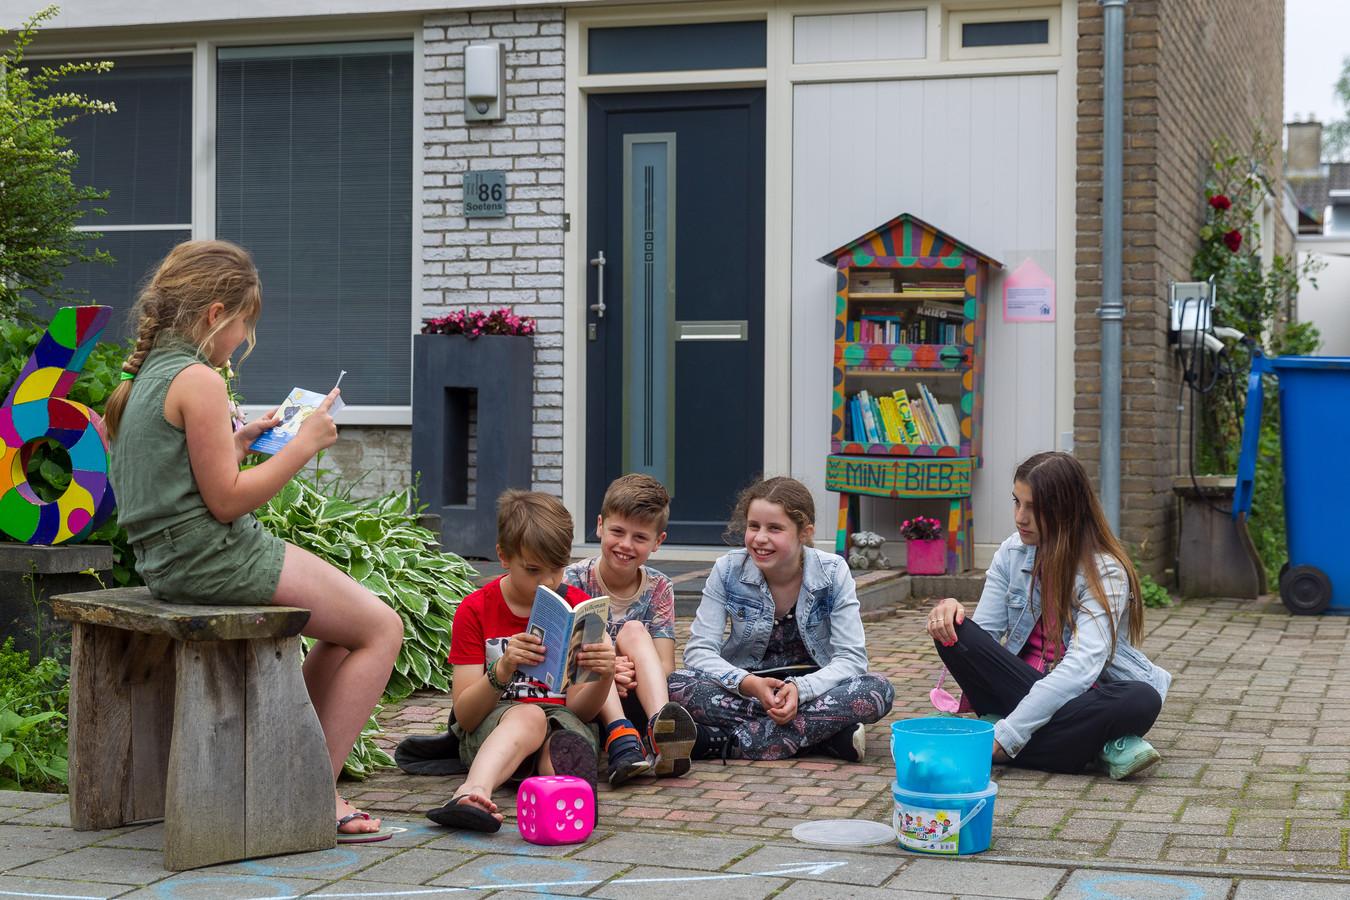 Feline Soetens leest buurtgenootjes een verhaaltje voor tijdens de Dag van de Minibieb in Veldhoven